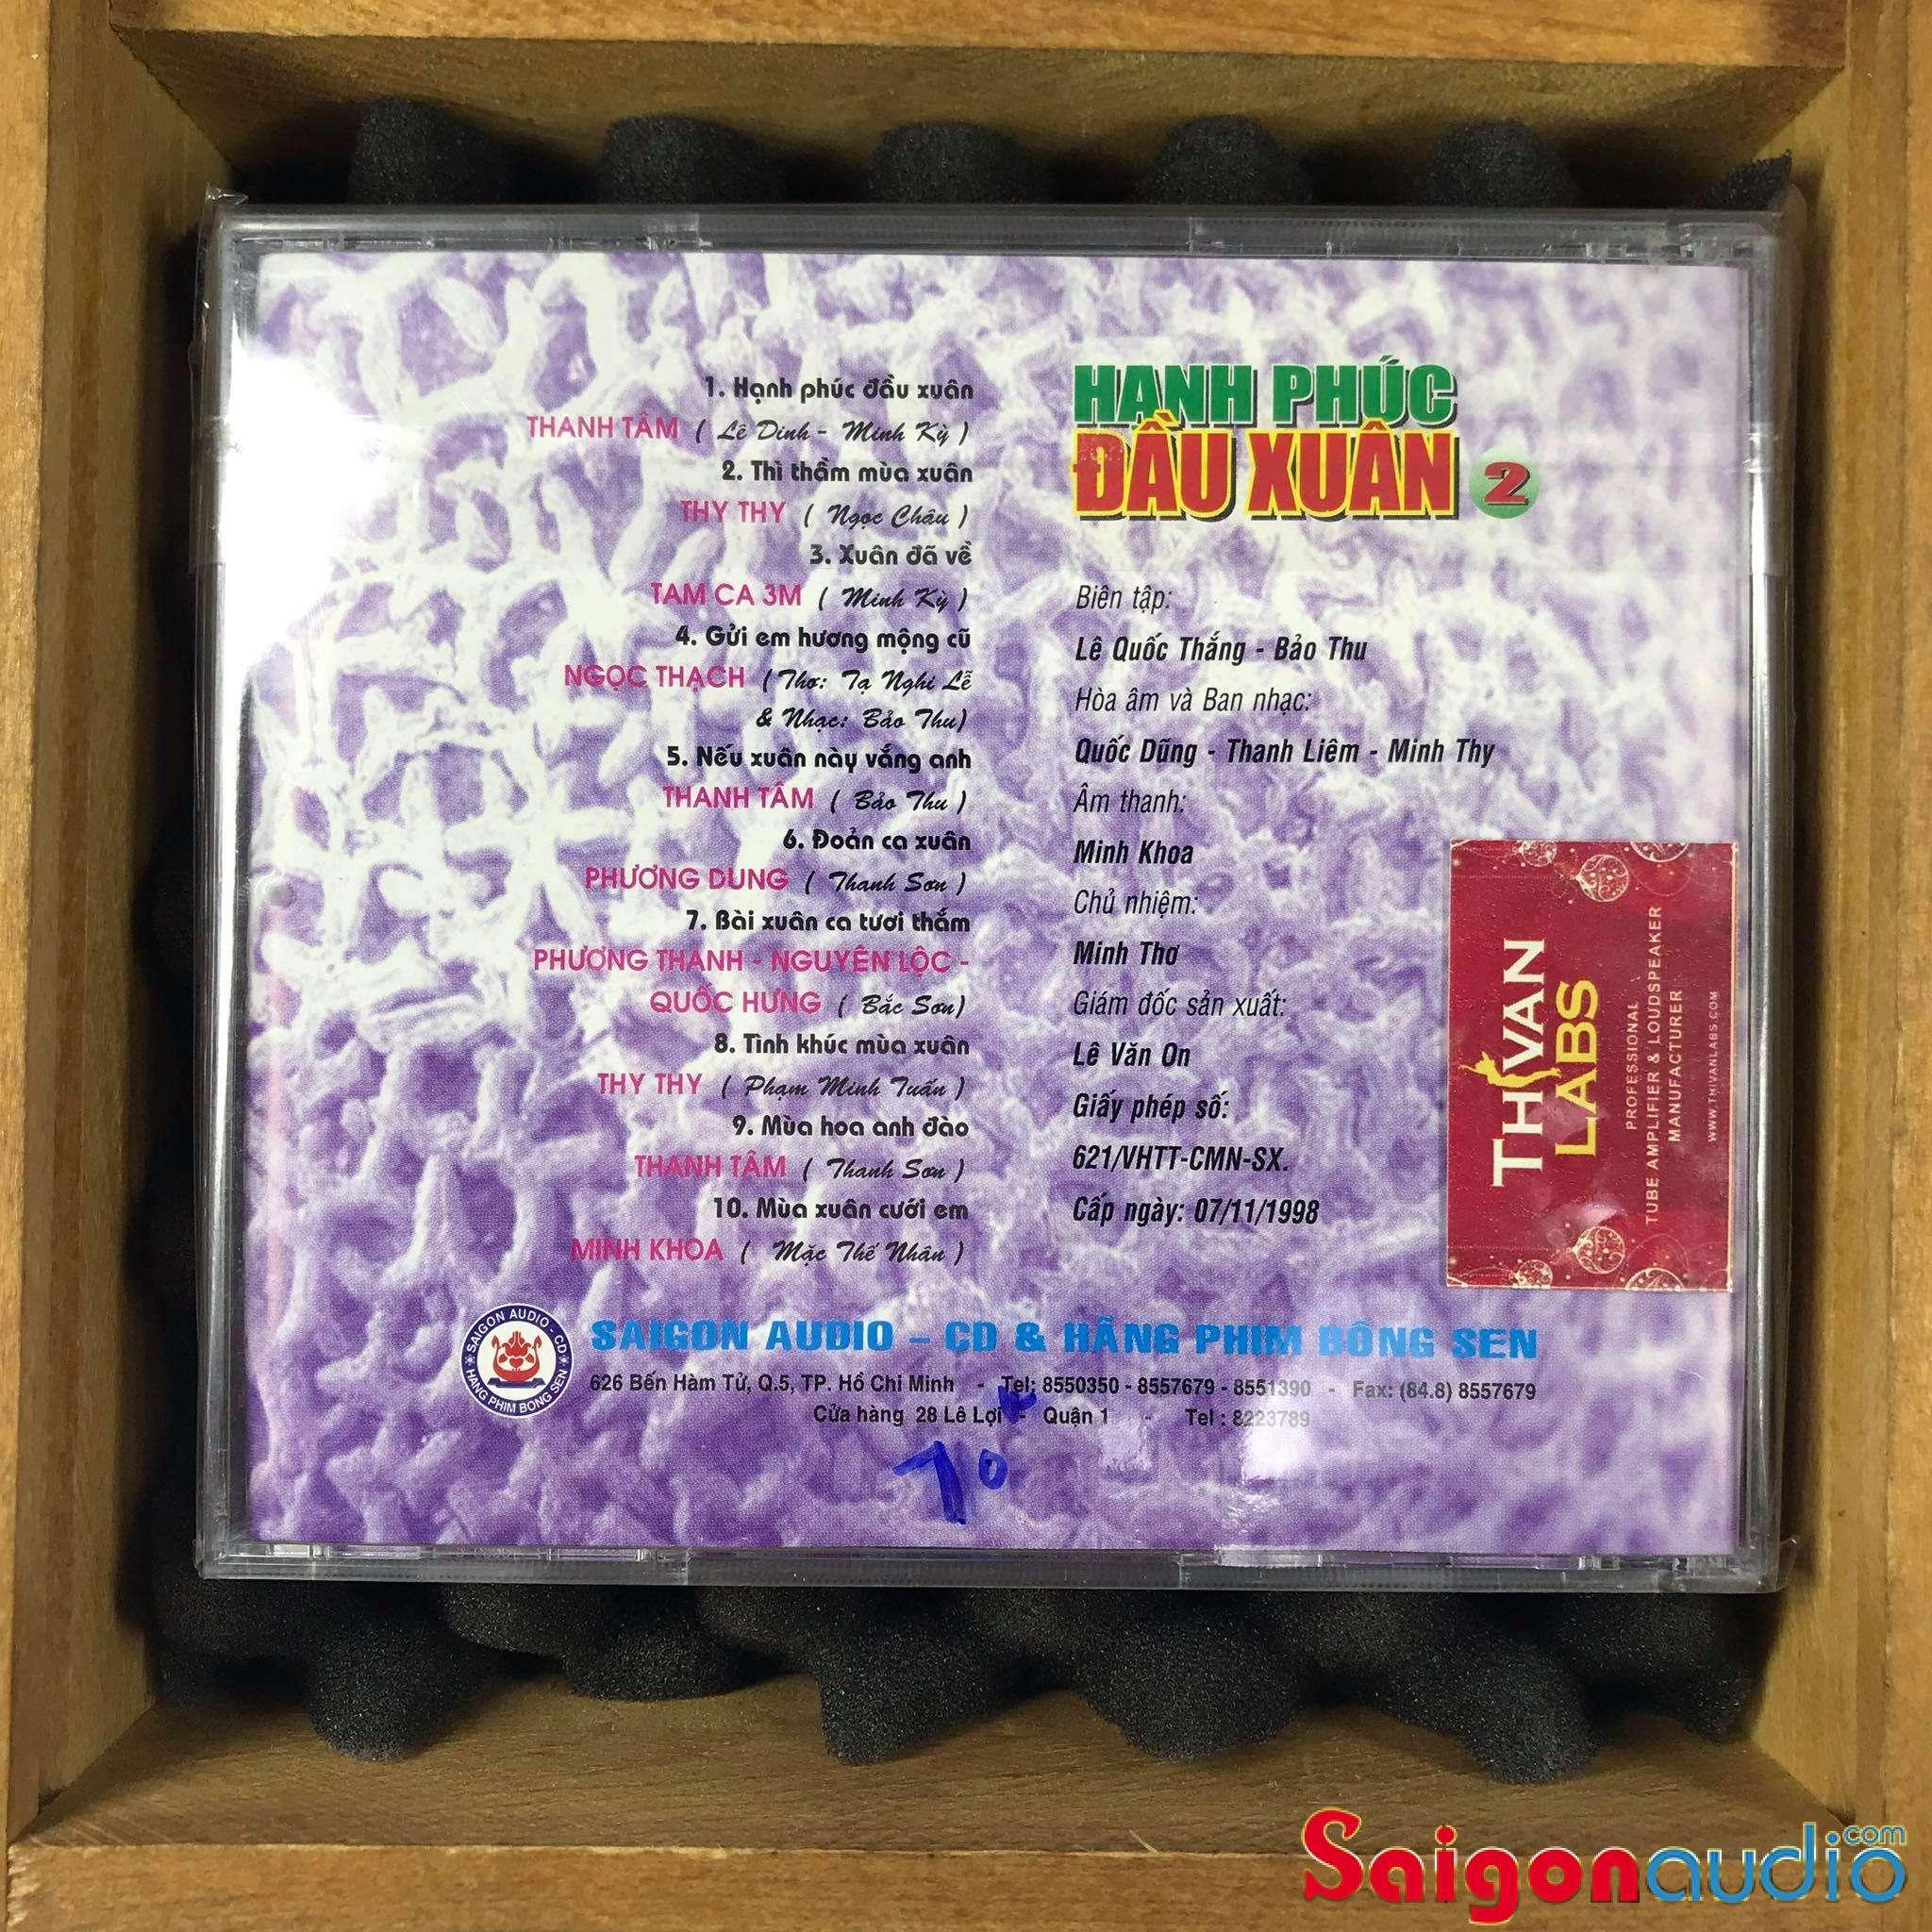 Đĩa CD gốc Hạnh Phúc Đầu Xuân 1